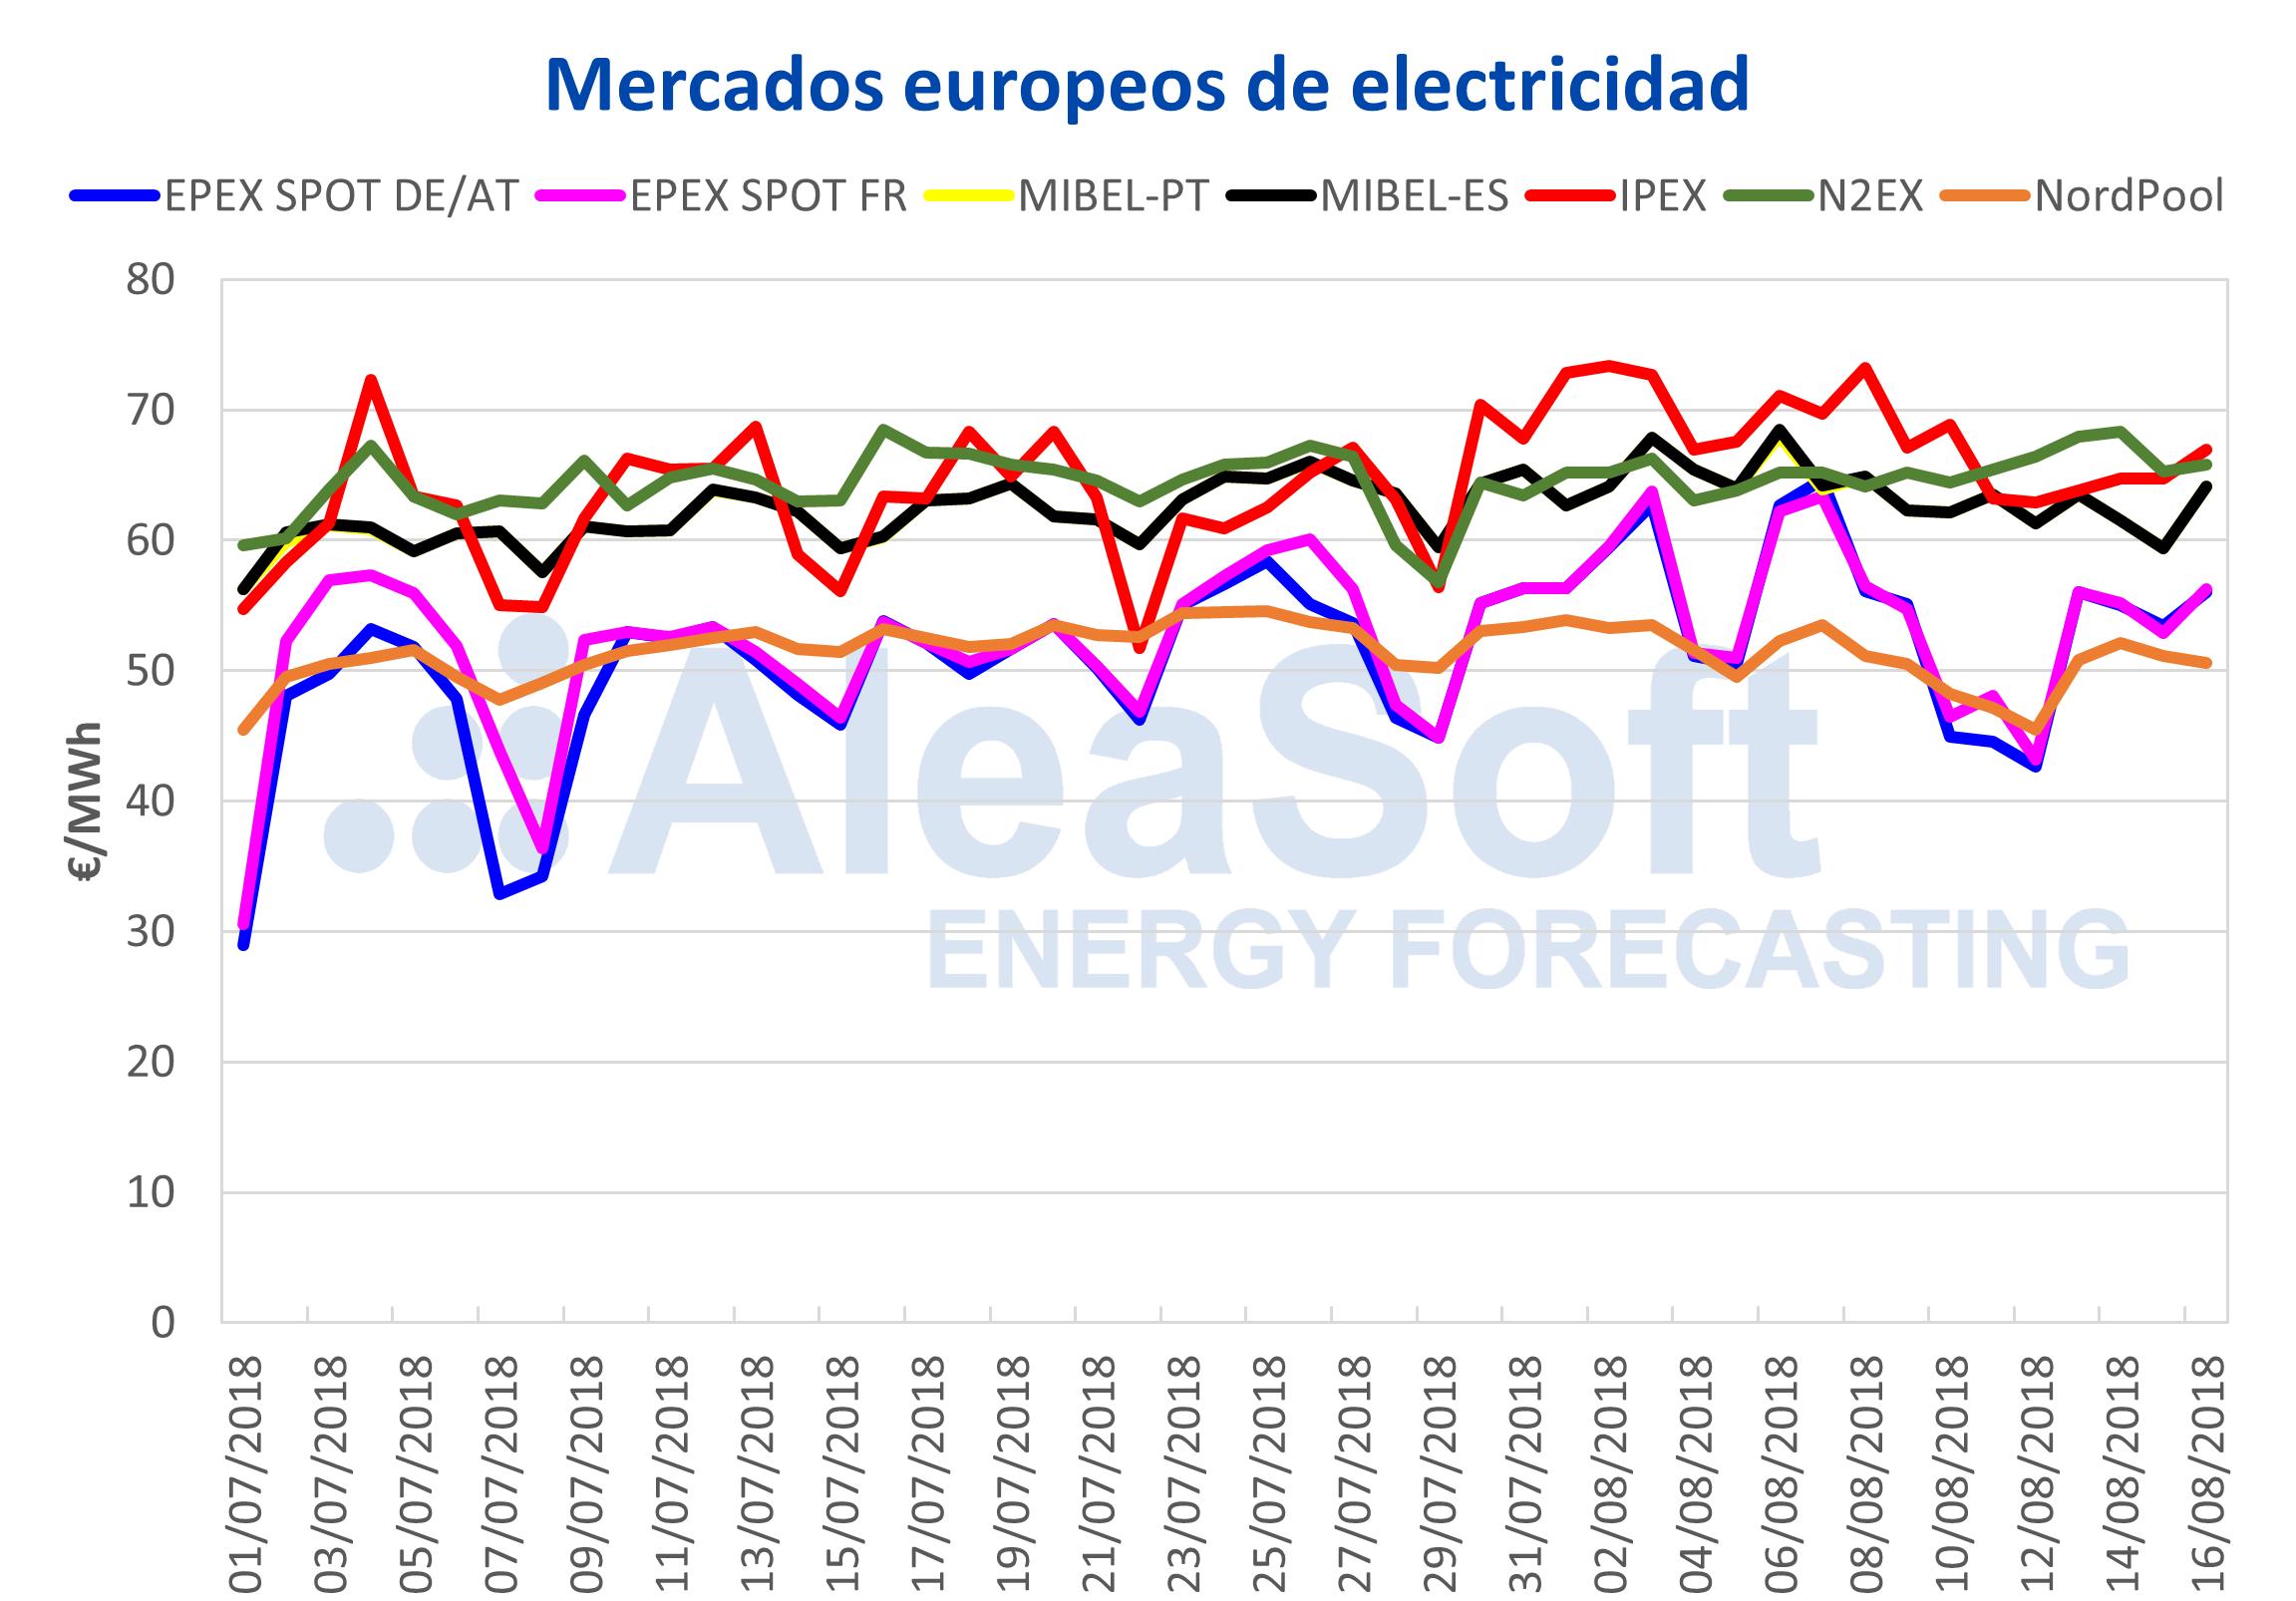 alt - https://static.comunicae.com/photos/notas/1197889/1534491895_20180816_AleaSoft_Precios_mercados_europeos_electricidad.png